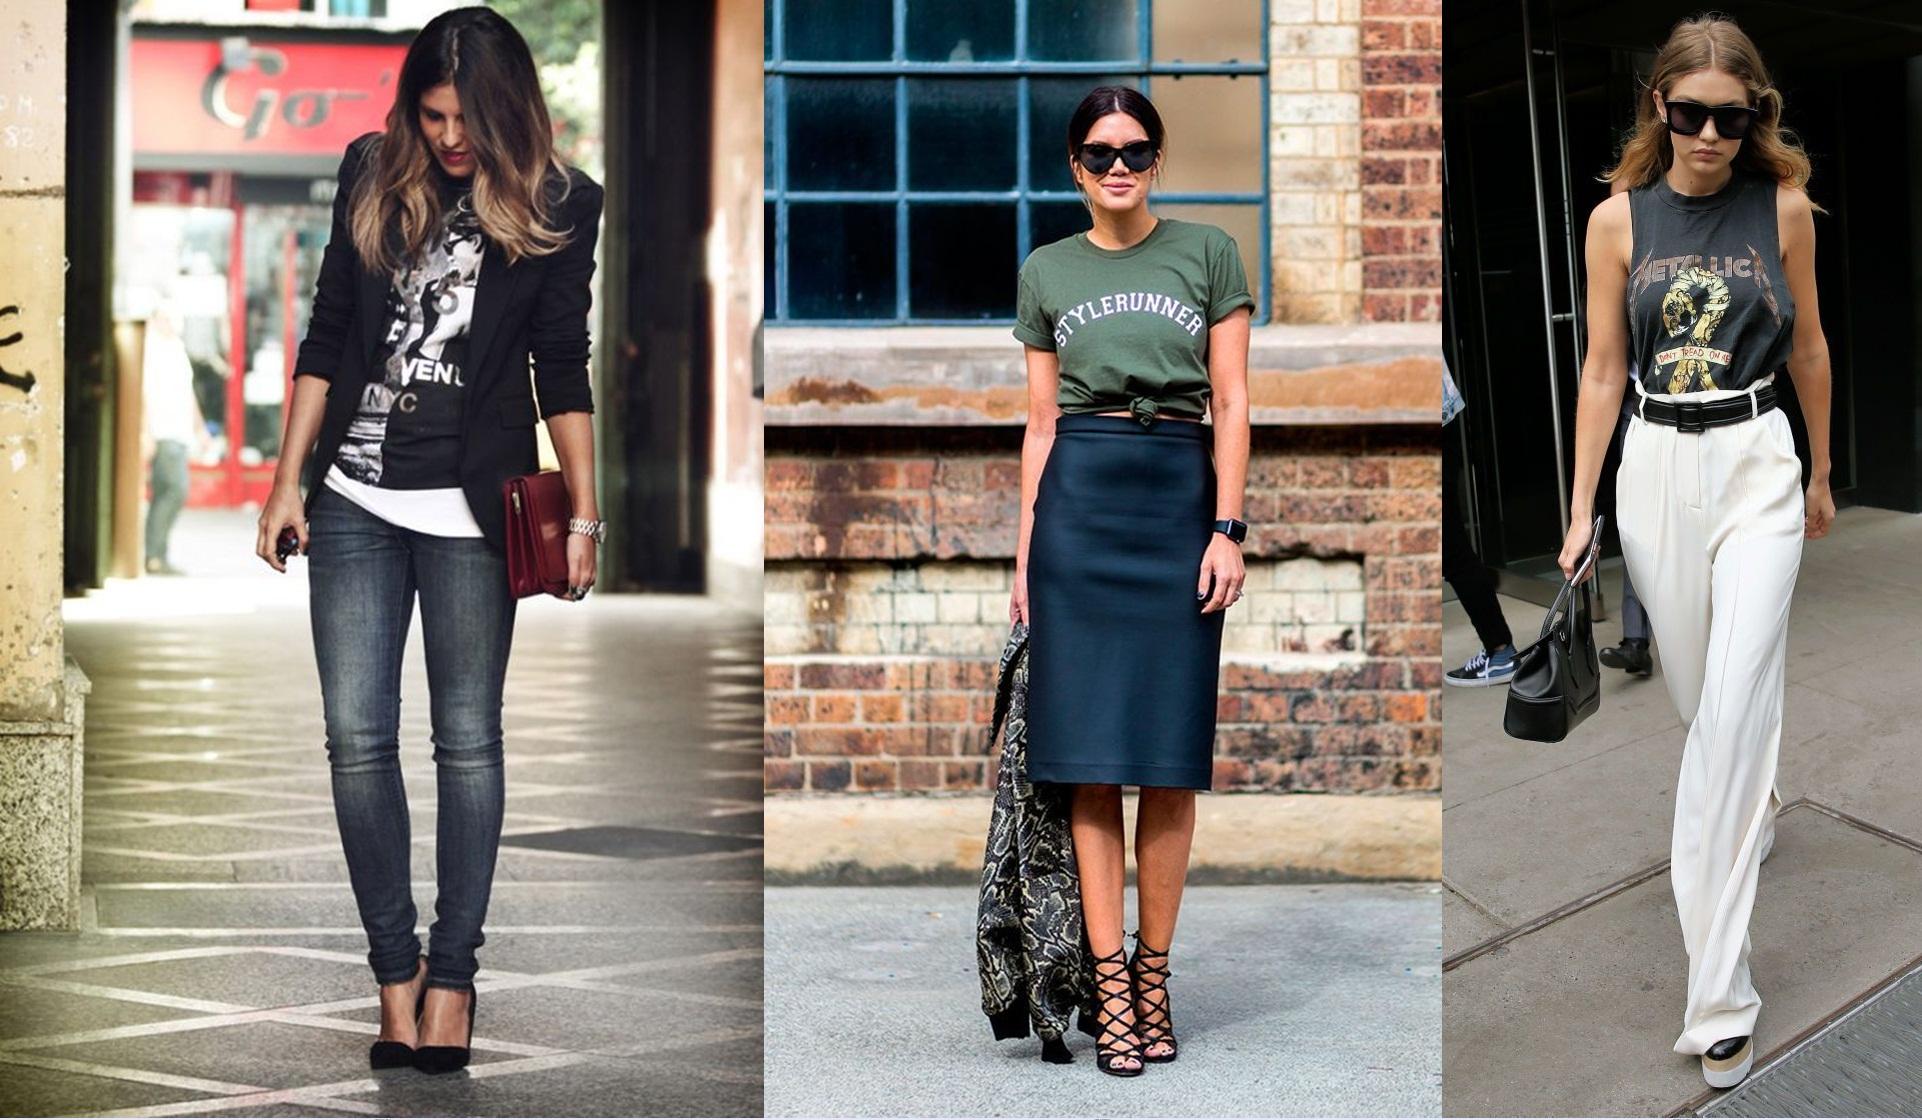 camiseta Moda de rua: 5 trends para usar no Look do Trabalho